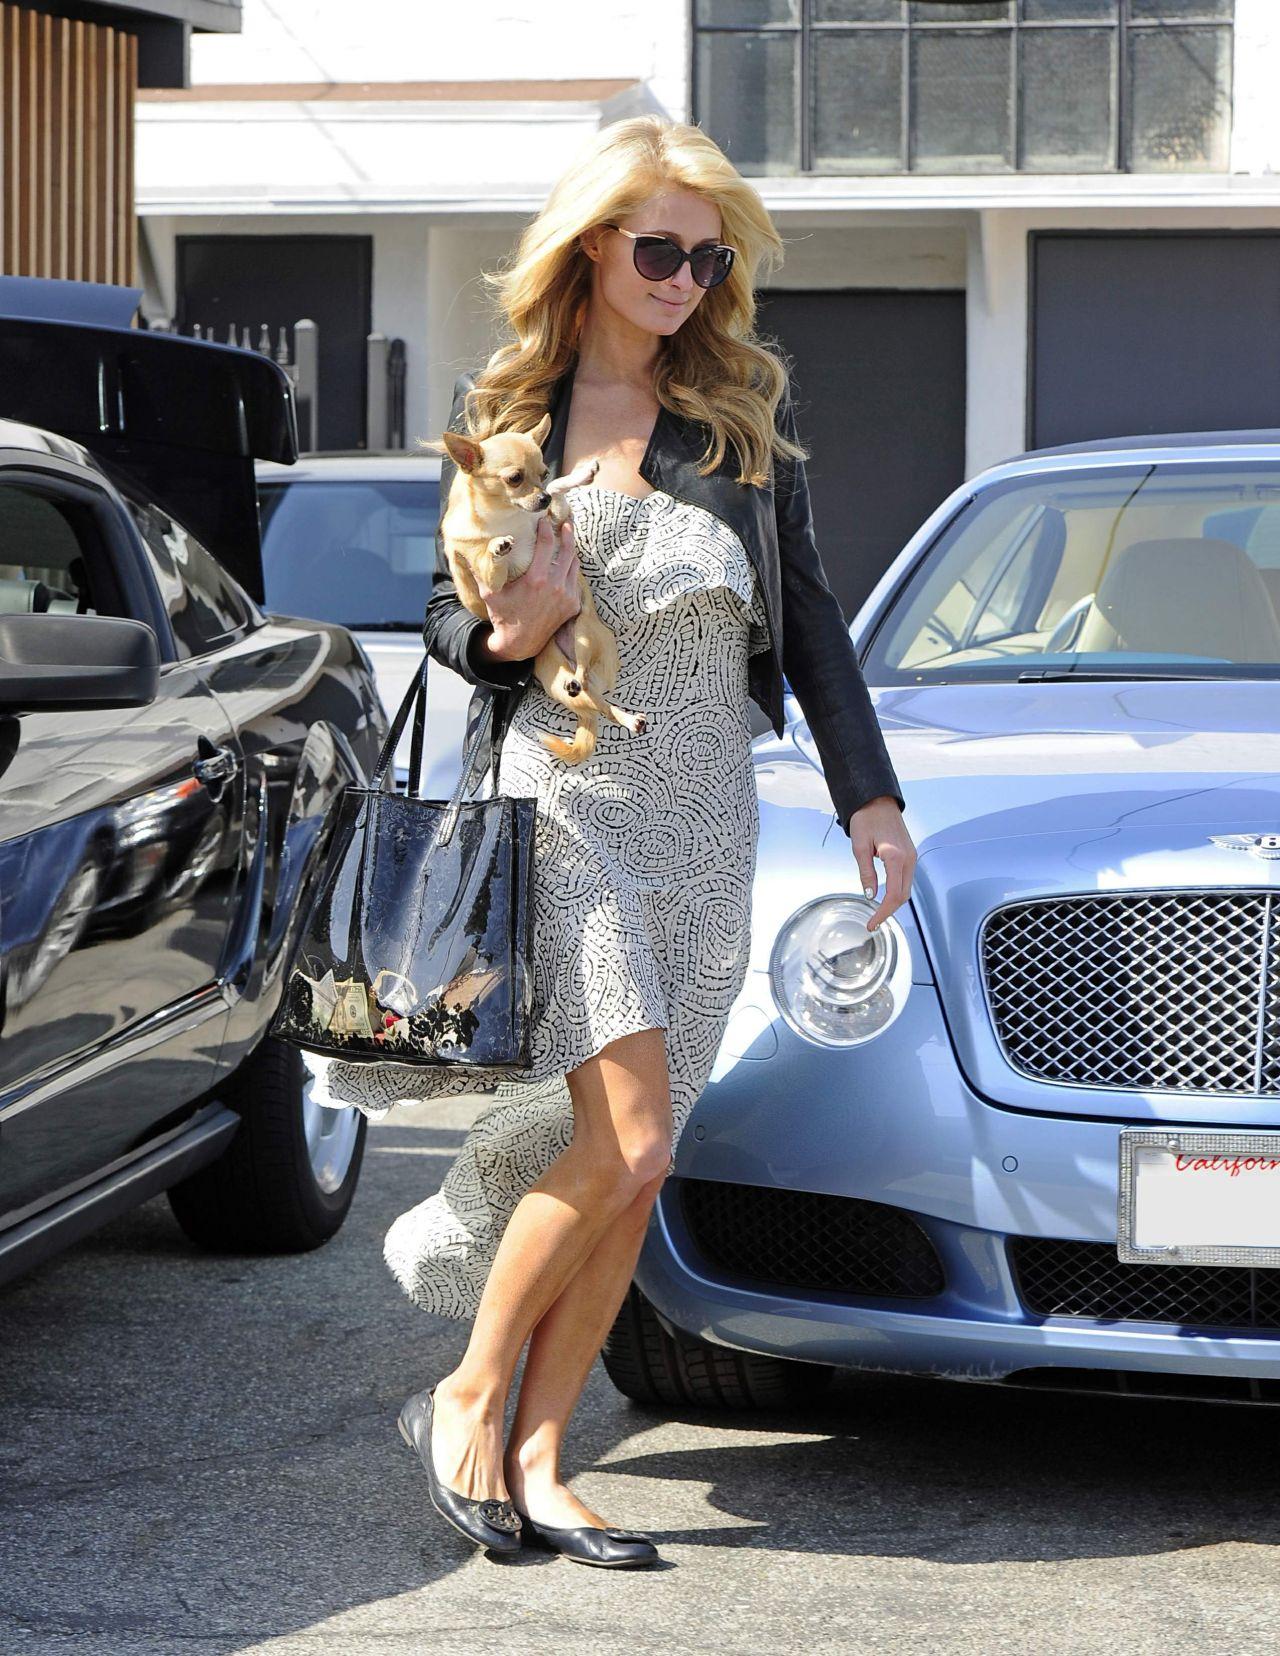 Paris Hilton - Leaving a Hair Salon - April 2014